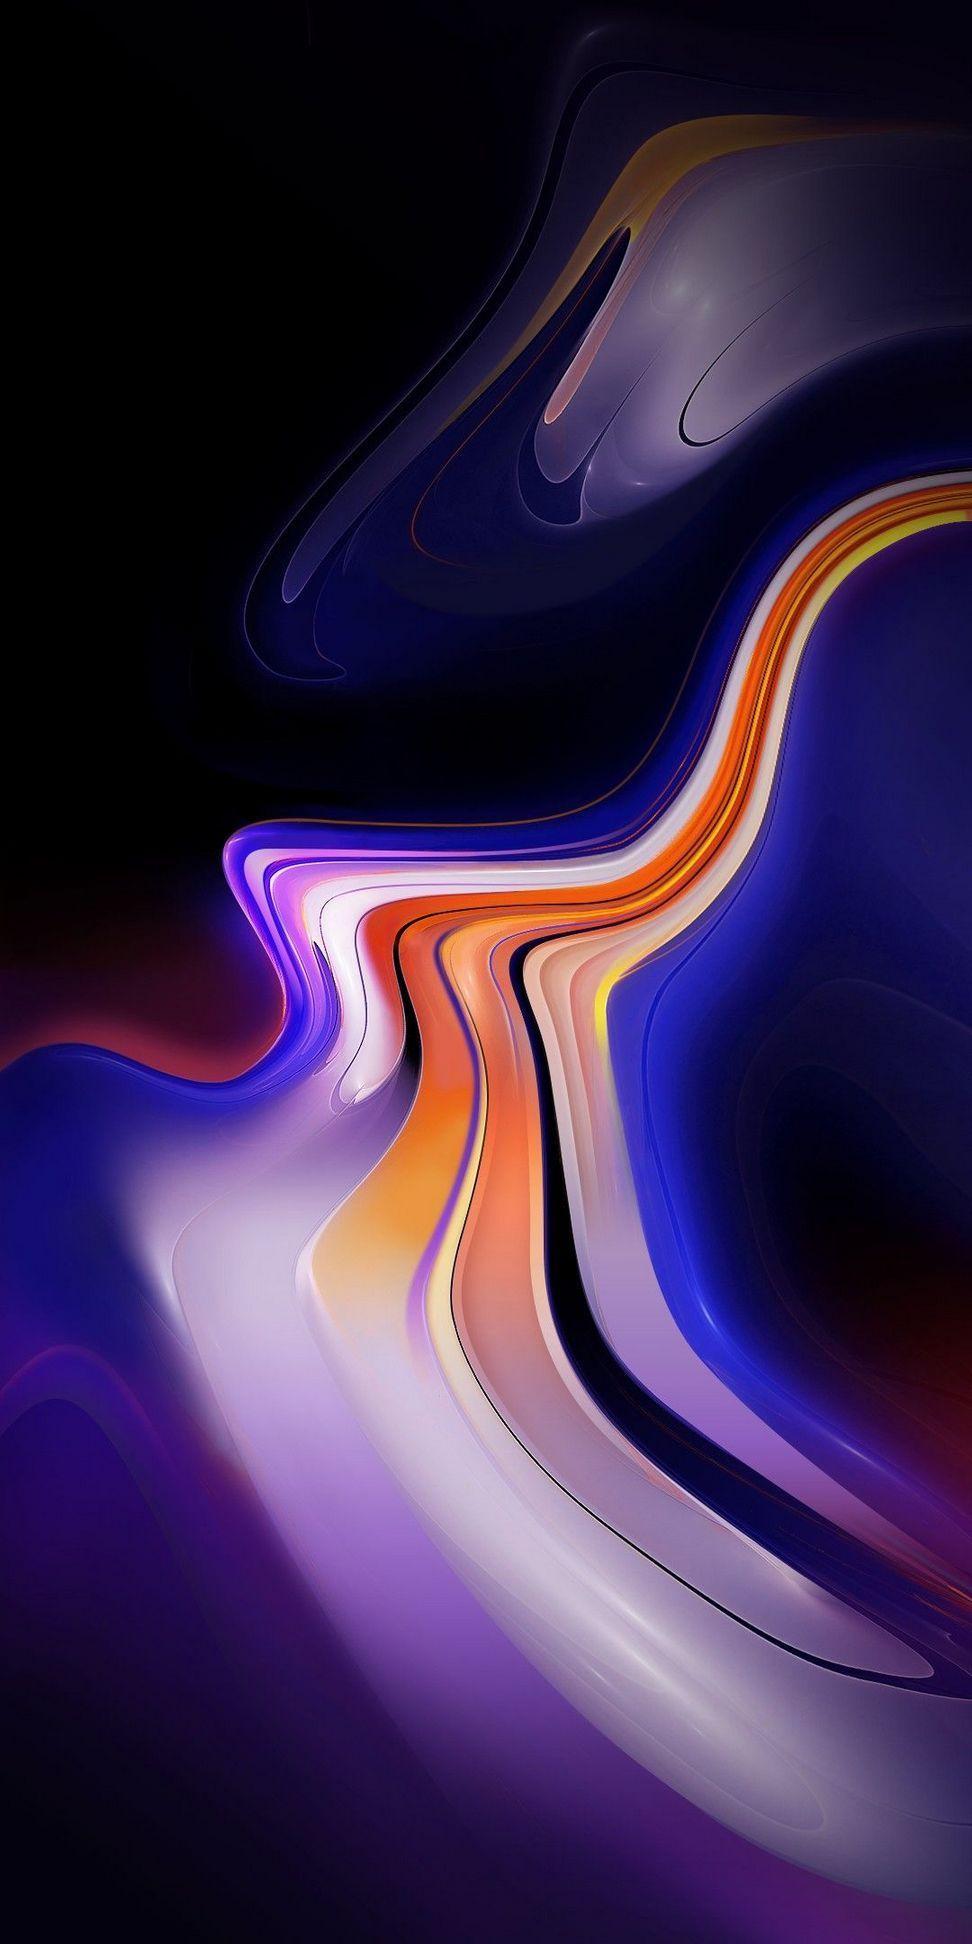 Hình nền Samsung đường con ảo diệu